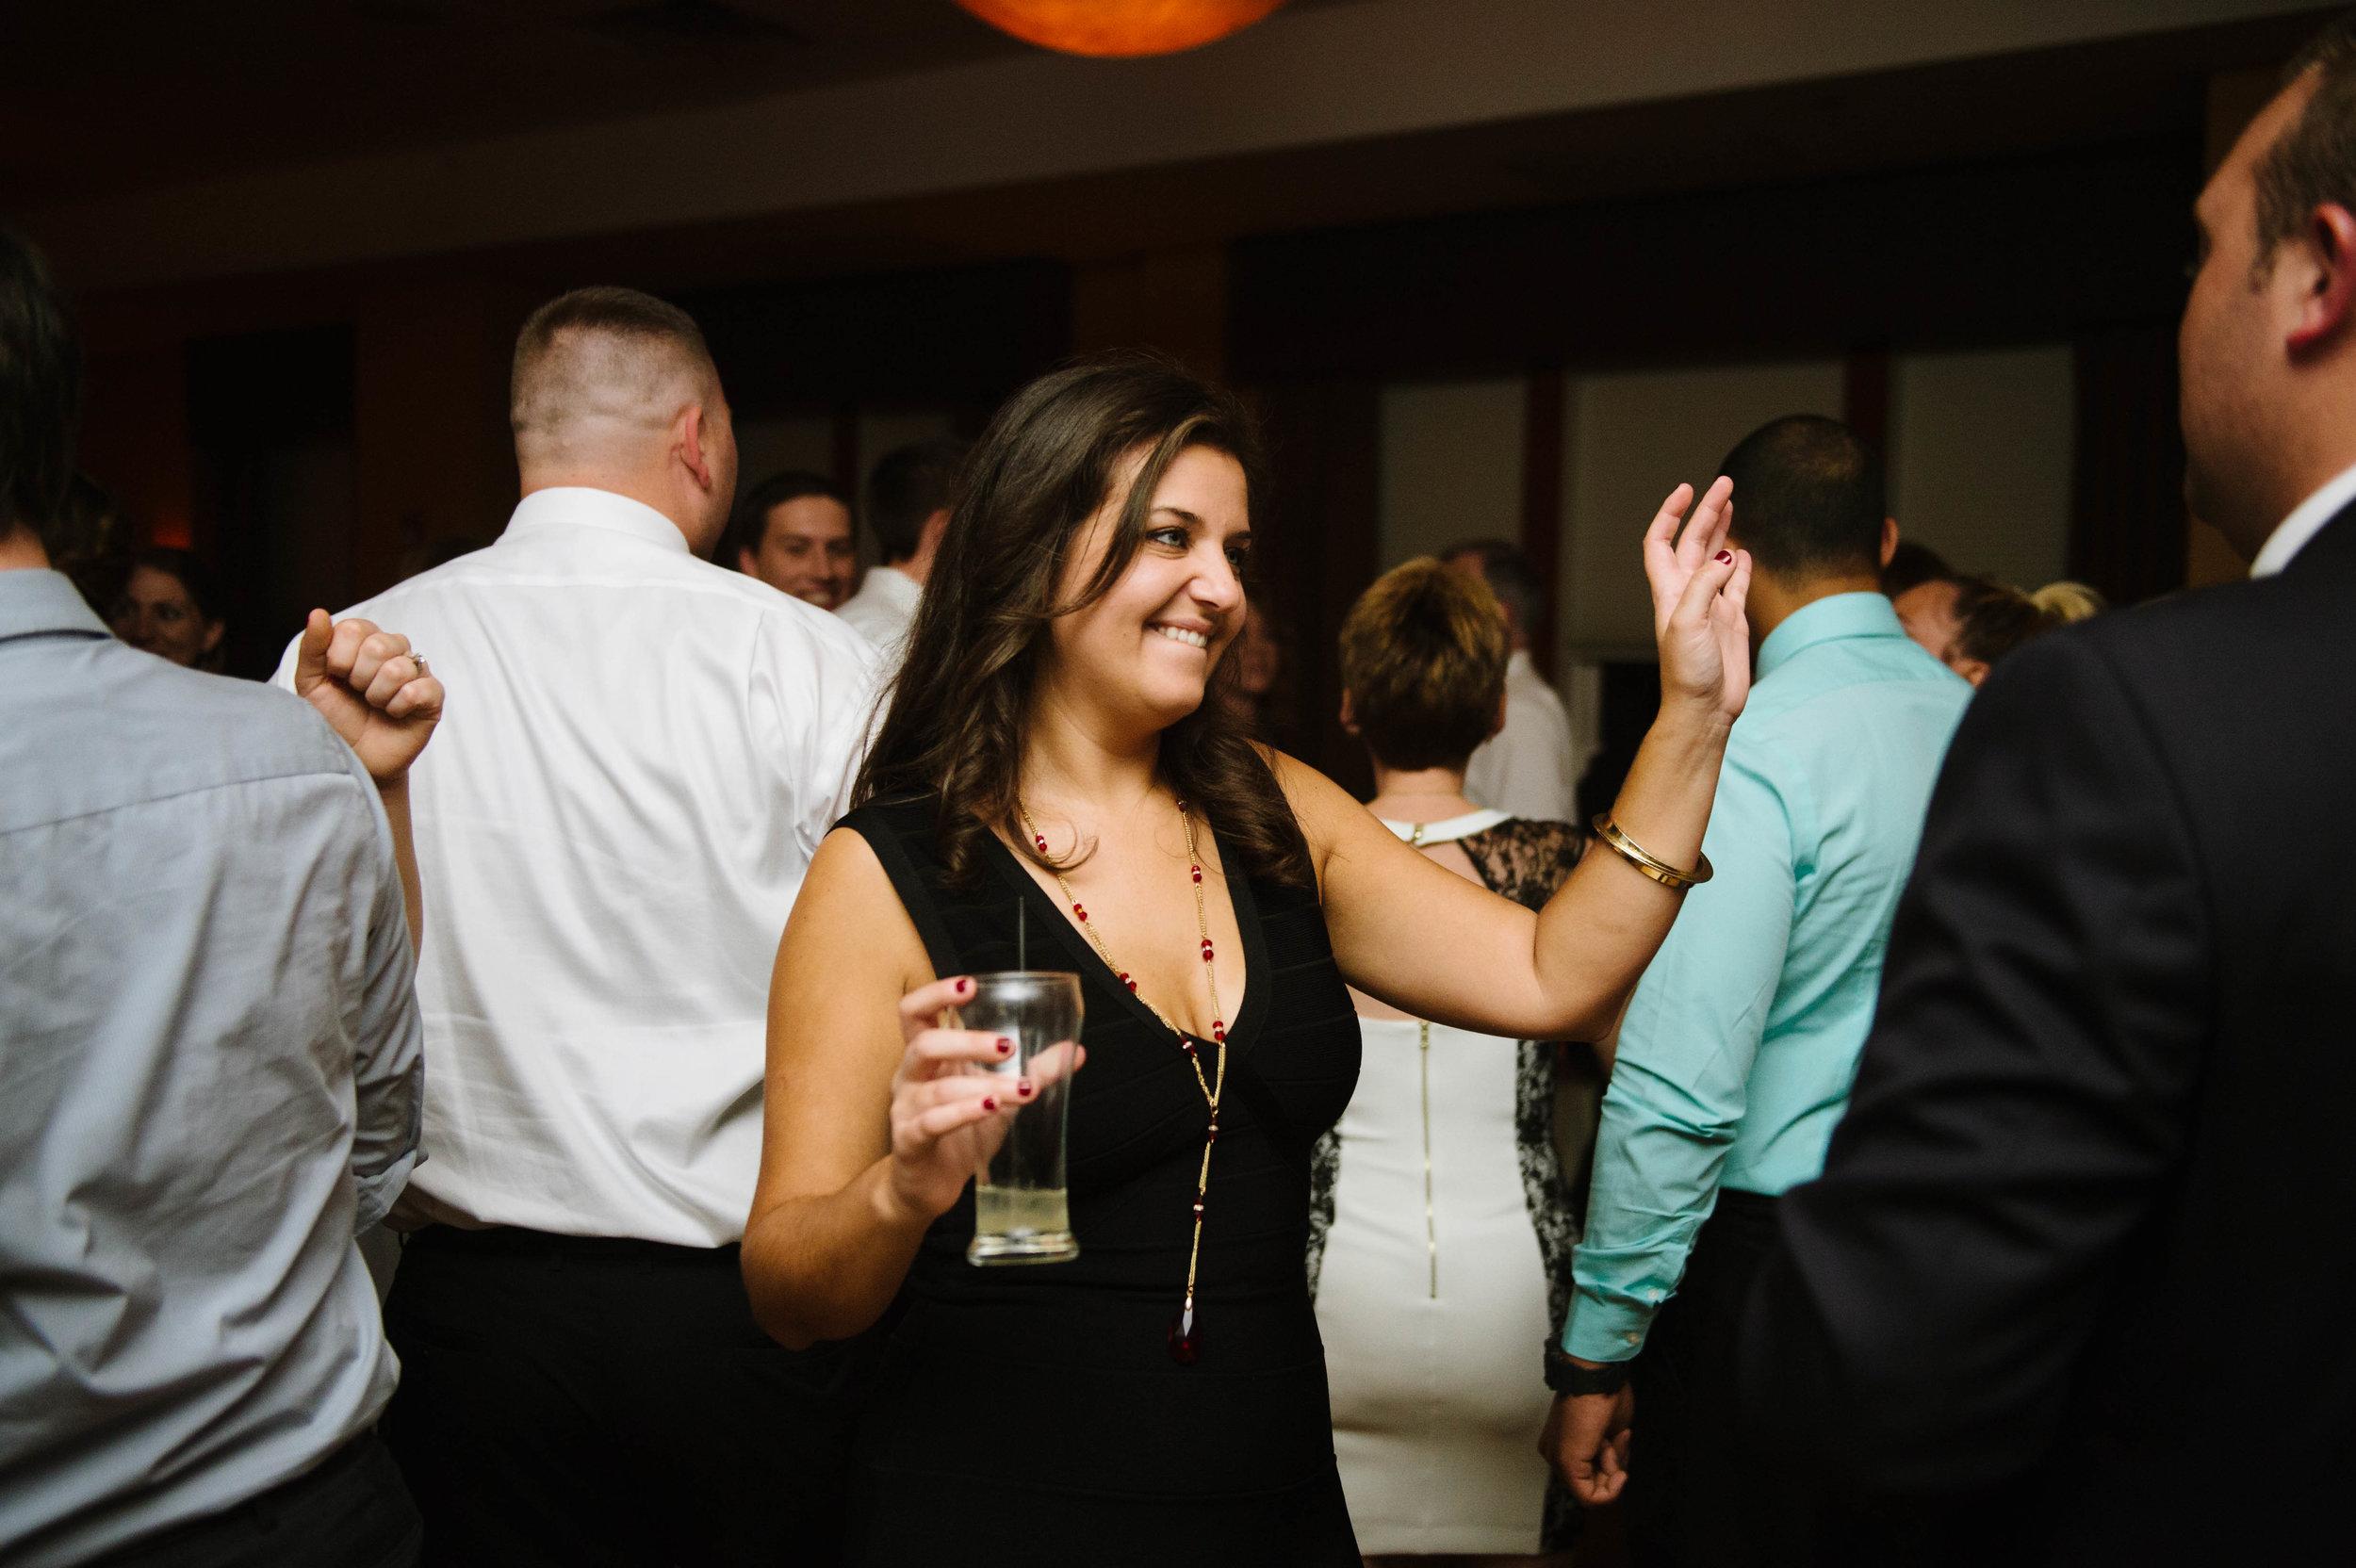 Candid-Wedding-Photography-Massachusetts032.jpg